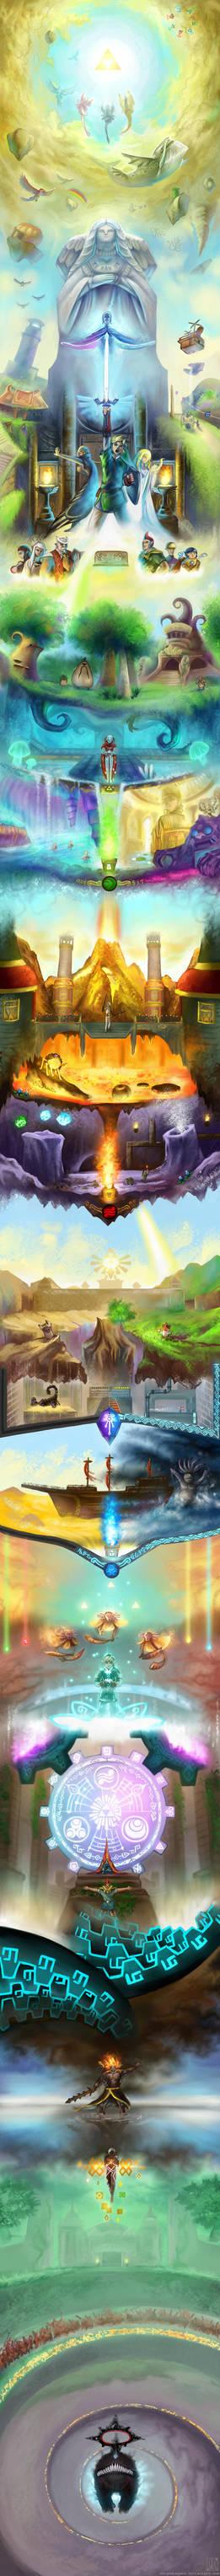 The Legend of Zelda - Skyward Sword by EternaLegend